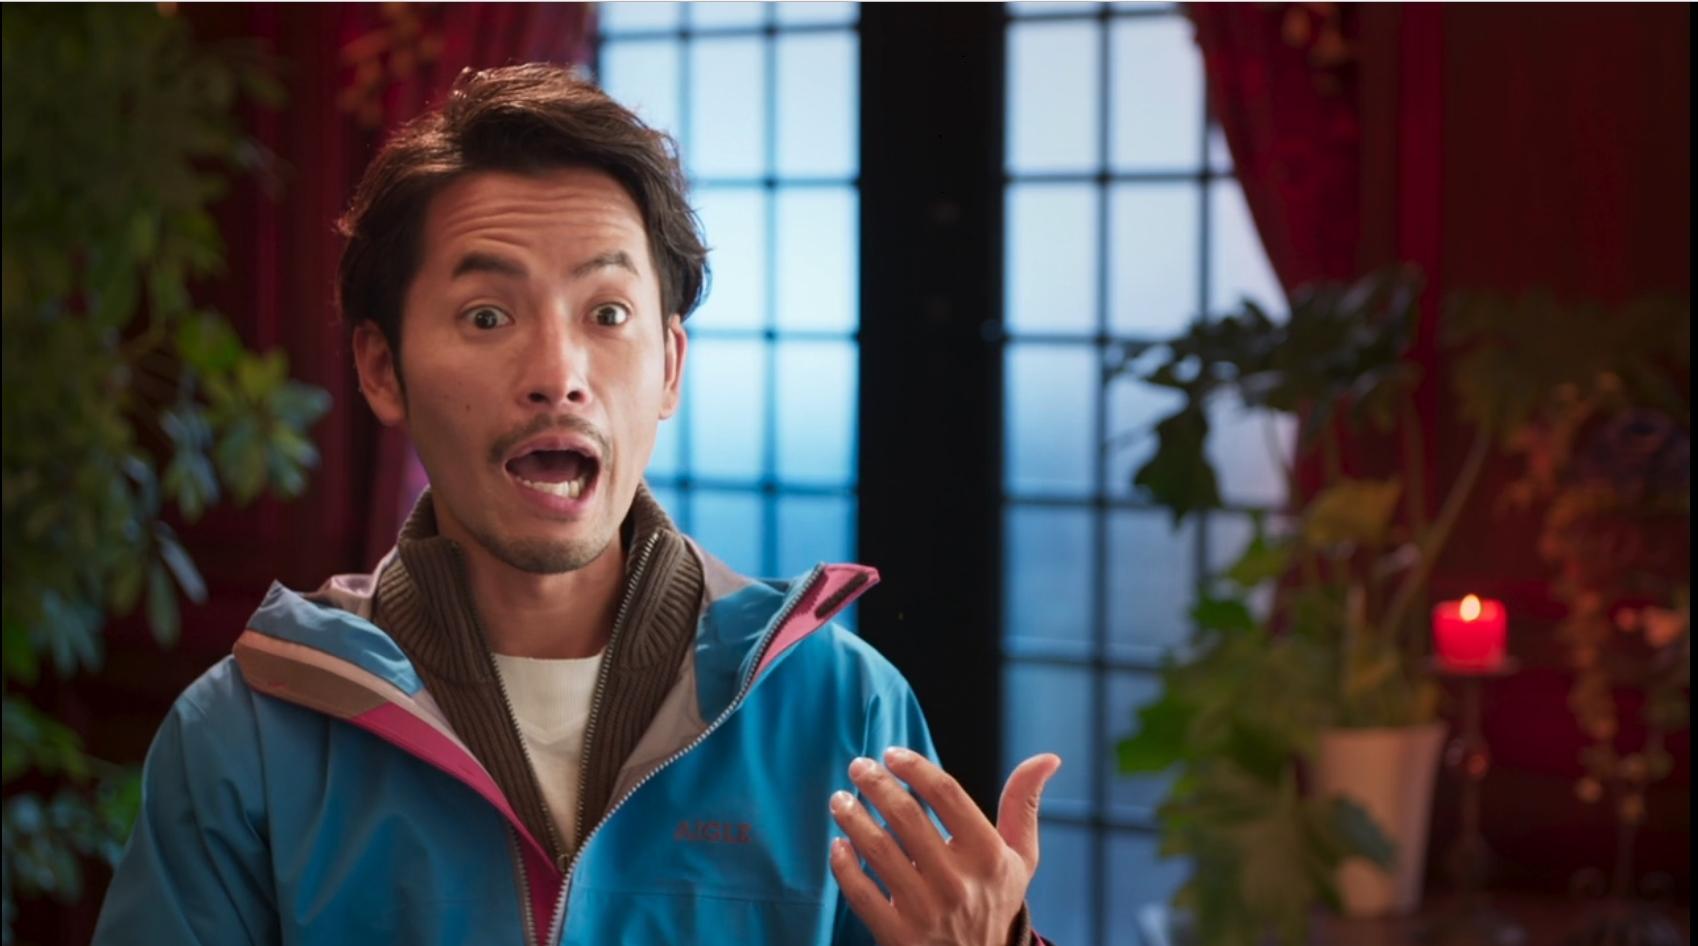 バチェラー2第6話のロケ地軽井沢のコテージに気球や山上テラスは?ネタバレあらすじ!